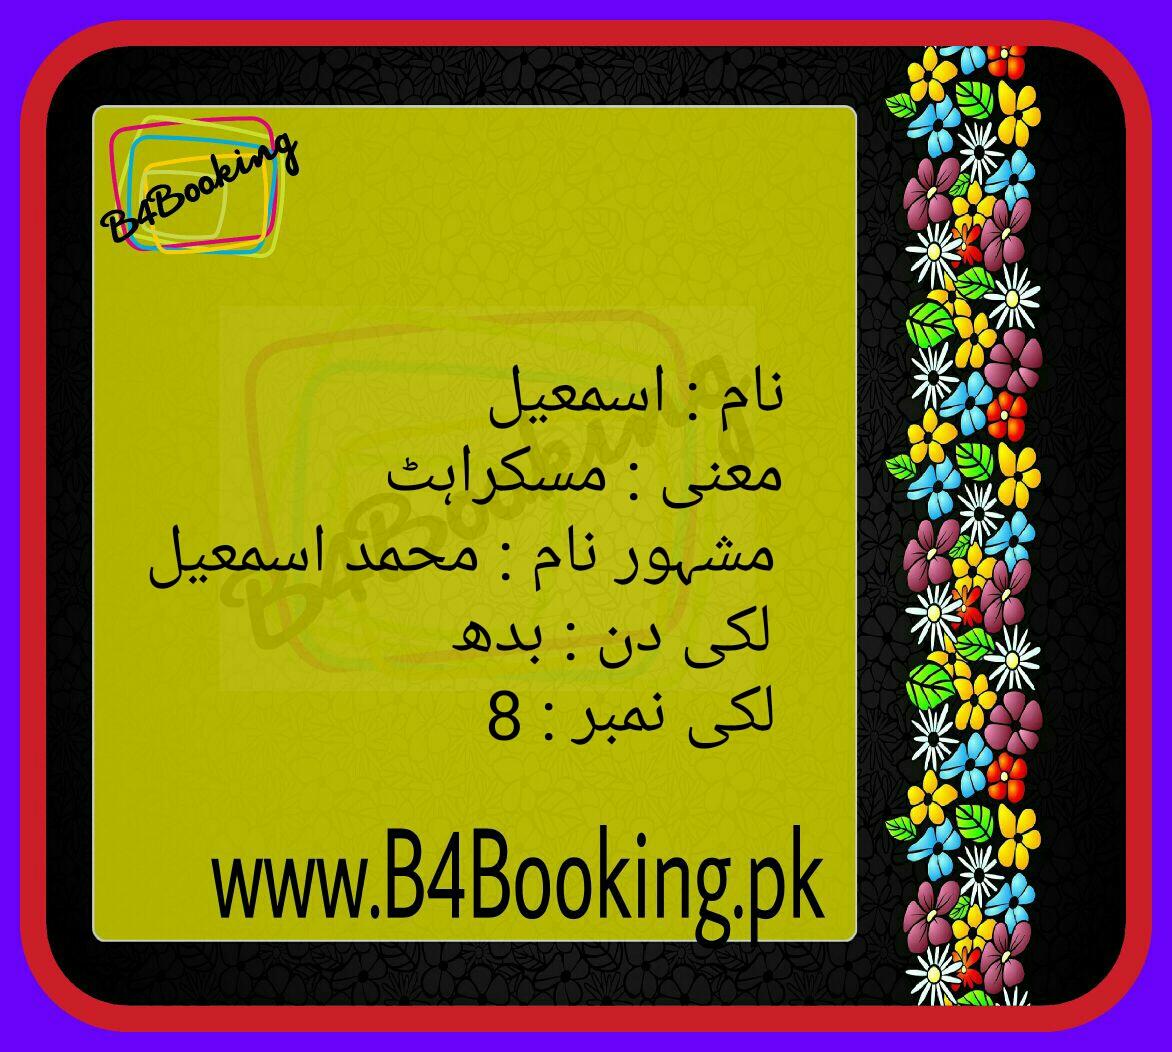 ismail nbsp name nbsp meaning nbsp in nbsp urdu اسمعیل